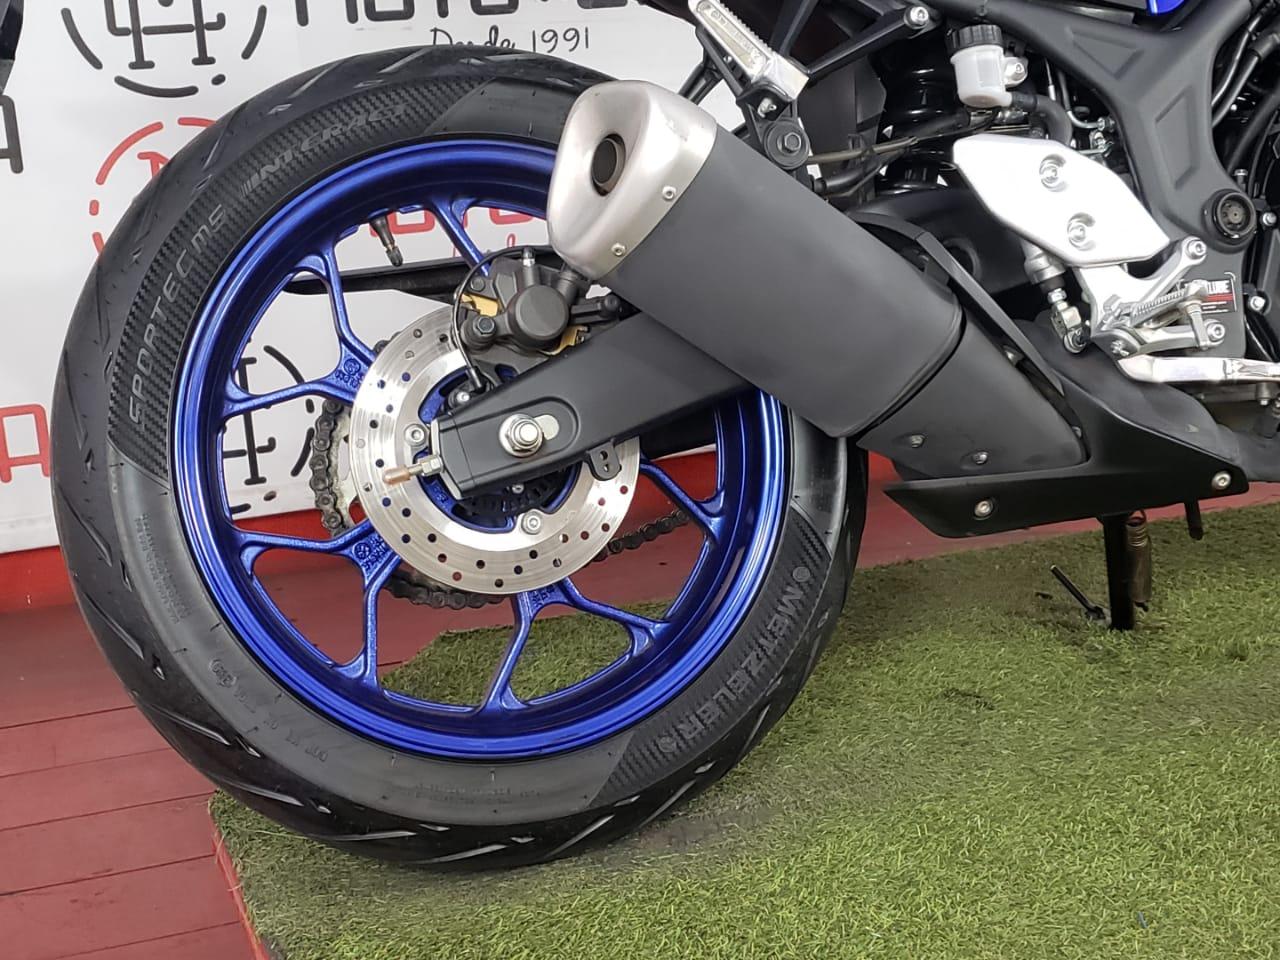 Yamaha - Mt 03 Abs